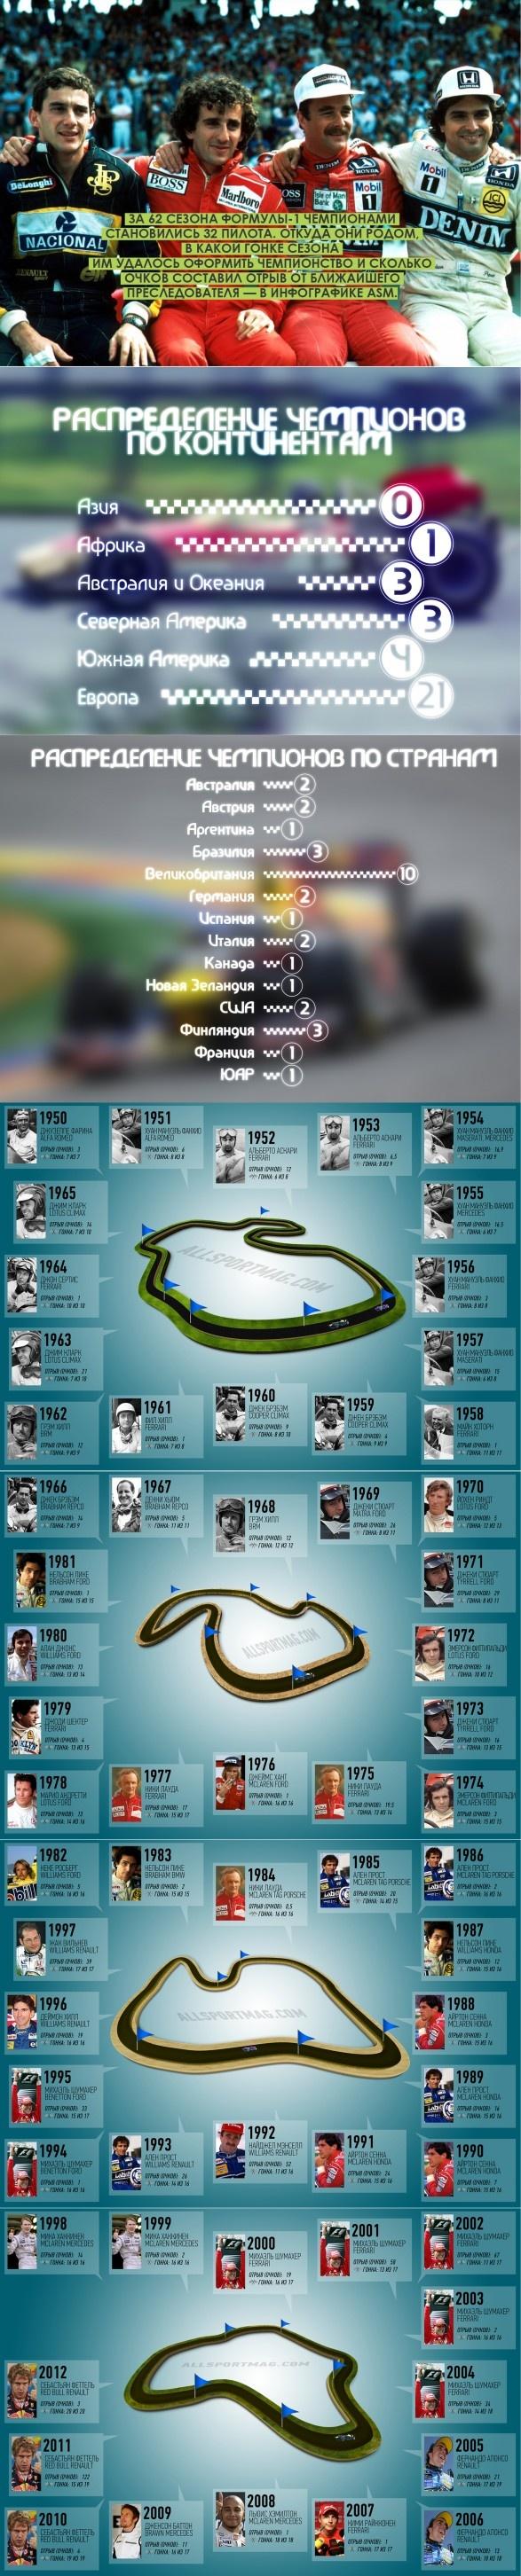 formula 1 champions yearly